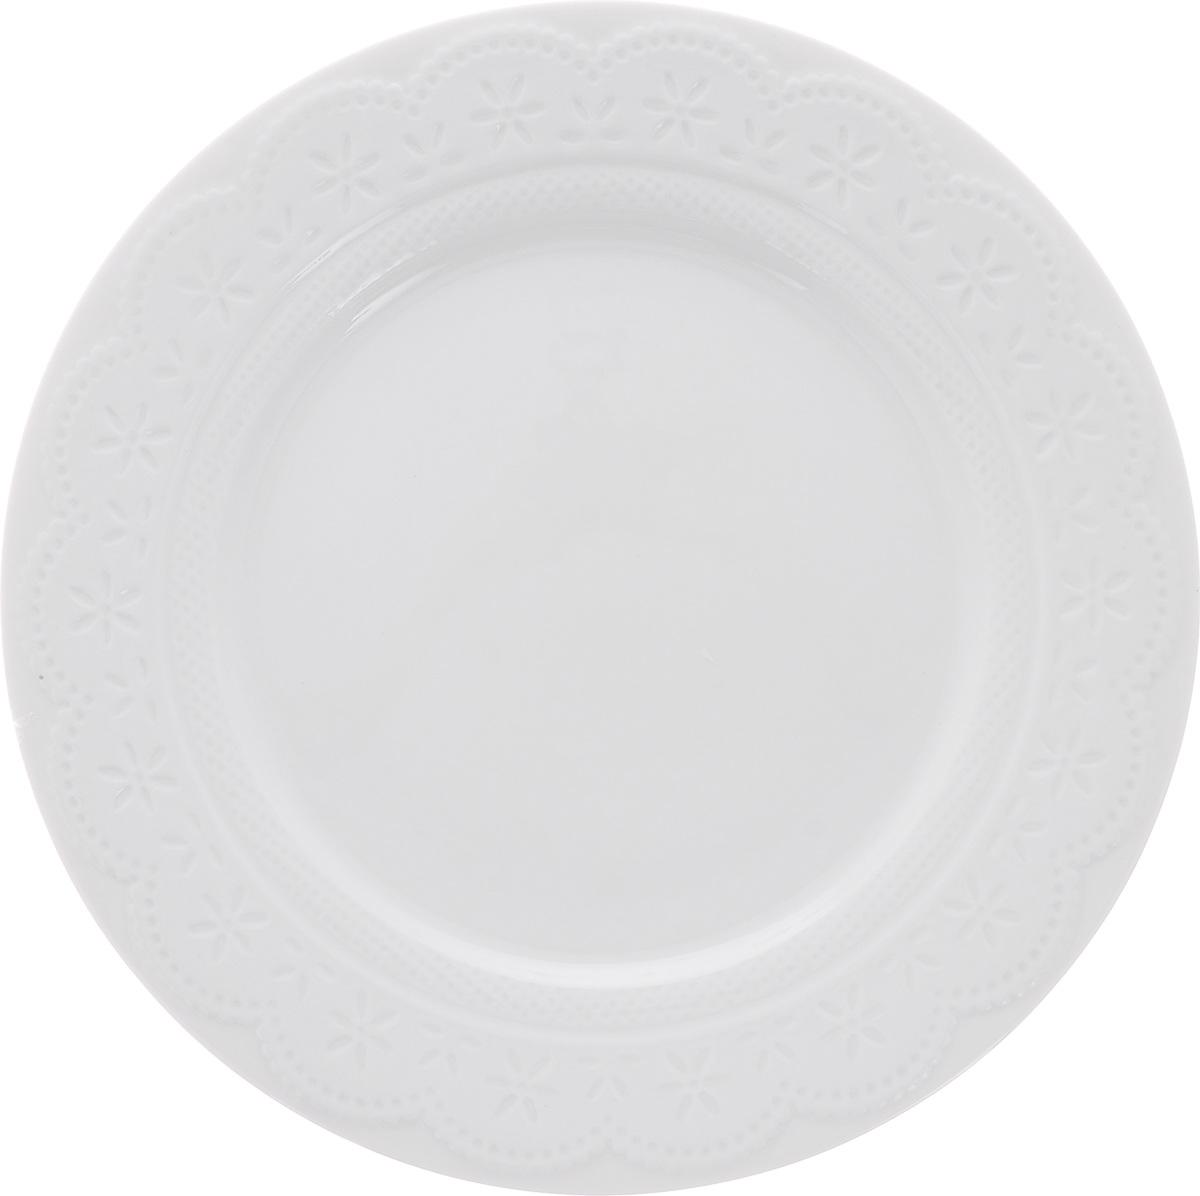 Тарелка обеденная Walmer Charlotte, цвет: белый, диаметр 26 смW07330026Обеденная тарелка Walmer Charlotte, выполненная из высококачественного фарфора, декорирована рельефным орнаментом. Изящный дизайн придется по вкусу и ценителям классики, и тем, кто предпочитает утонченность. Обеденная тарелка Walmer Charlotte, идеально подойдет для сервировки стола и станет отличным подарком к любому празднику. Можно использовать в микроволновой печи и мыть в посудомоечных машинах.